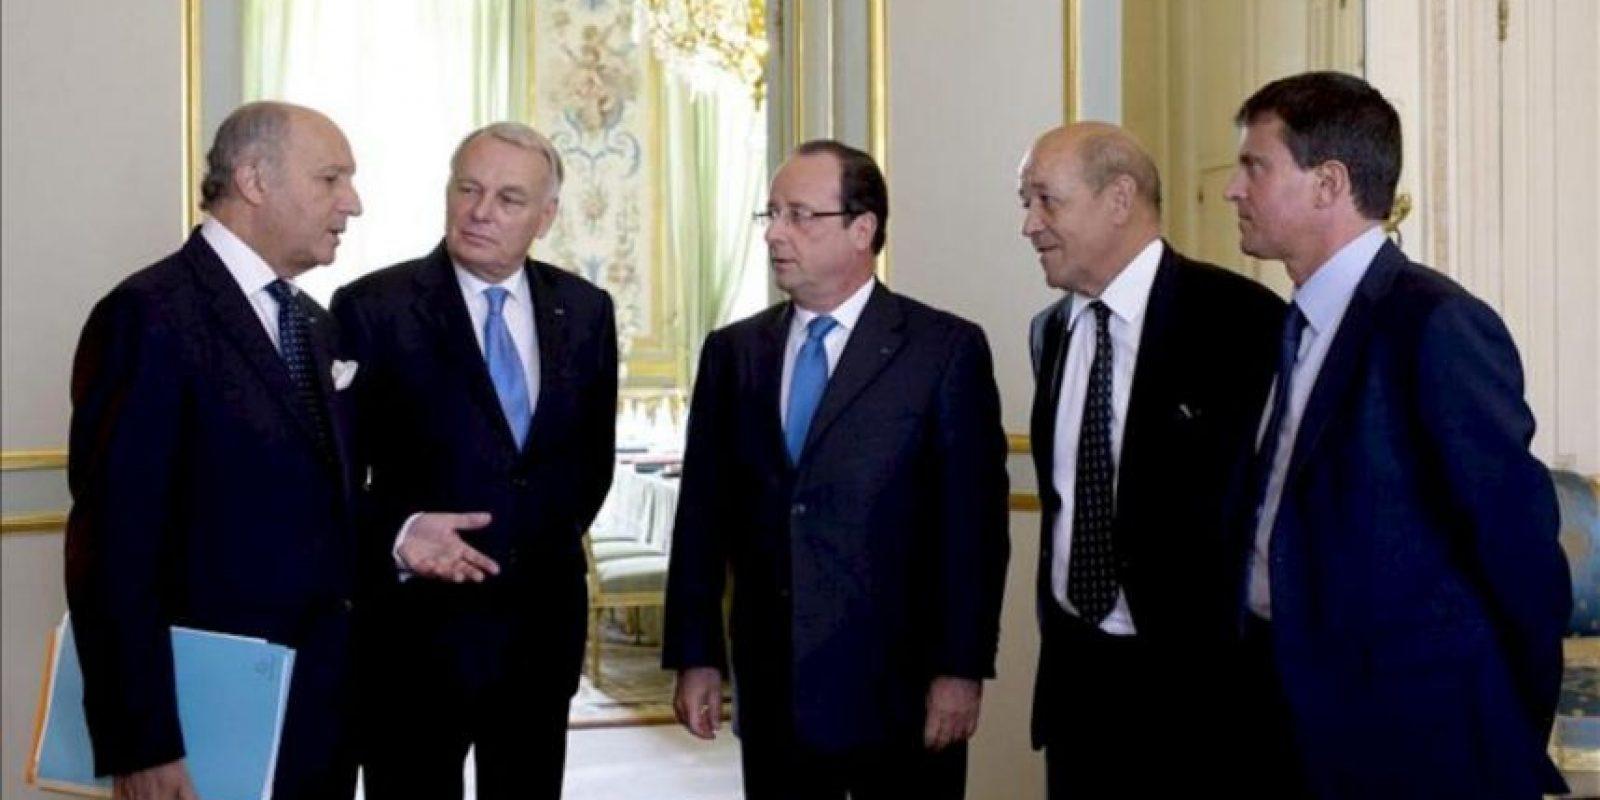 El presidente francés, François Hollande (c), conversa con el ministro galo de Exteriores, Laurent Fabius (izq), el primer ministro francés, Jean-Marc Ayrault (2º izq), el responsable francés de Defensa, Jean-Yves Le Drian (2º dcha), y el ministro galo de Interior, Manuel Valls, antes de una reunión para tratar de la situación en Siria en el Palacio del Elíseo, hoy, en París (Francia). EFE